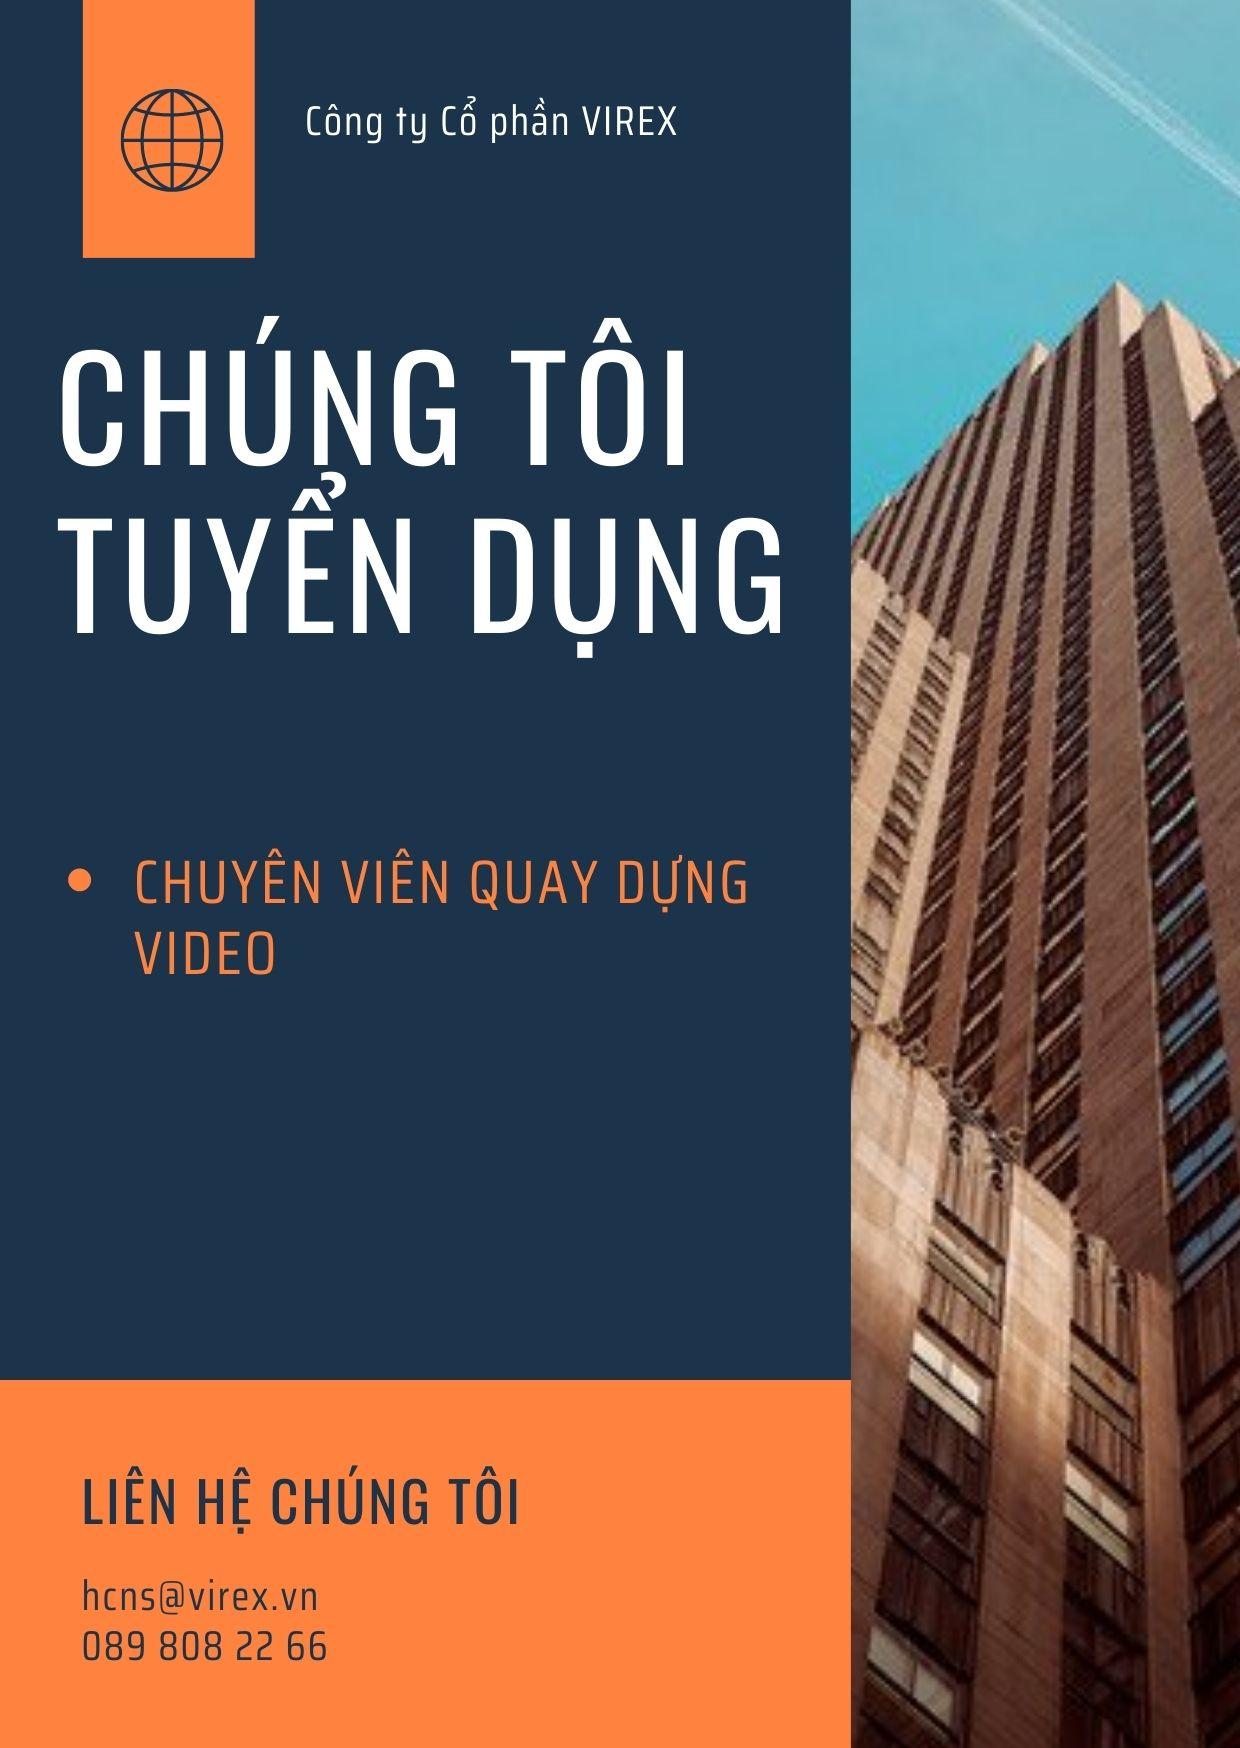 Read more about the article CHUYÊN VIÊN QUAY DỰNG VIDEO